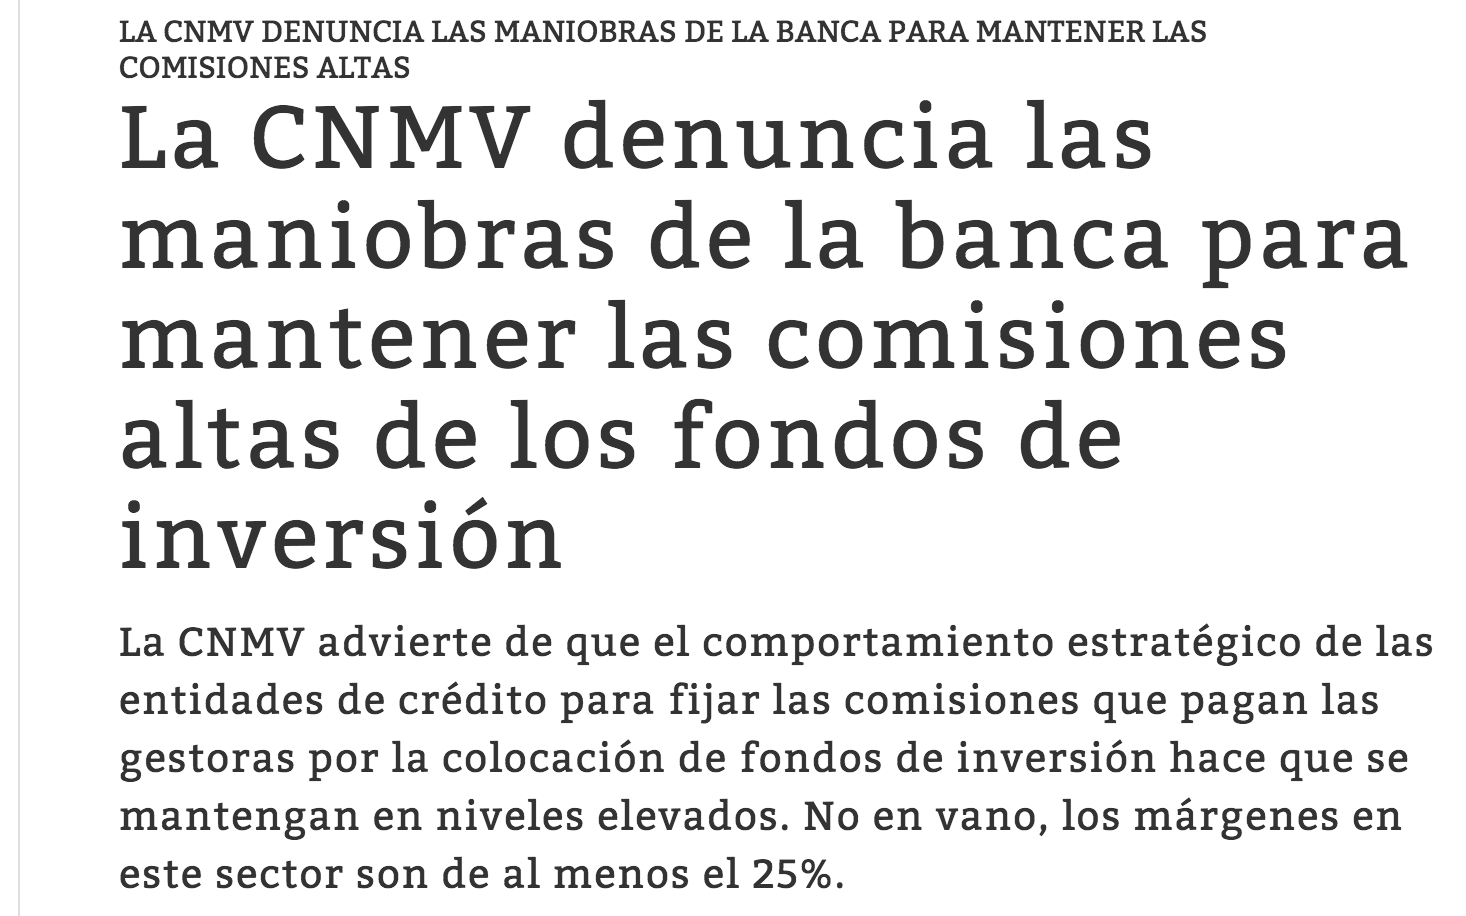 CNMV denuncia las maniobras de la banca